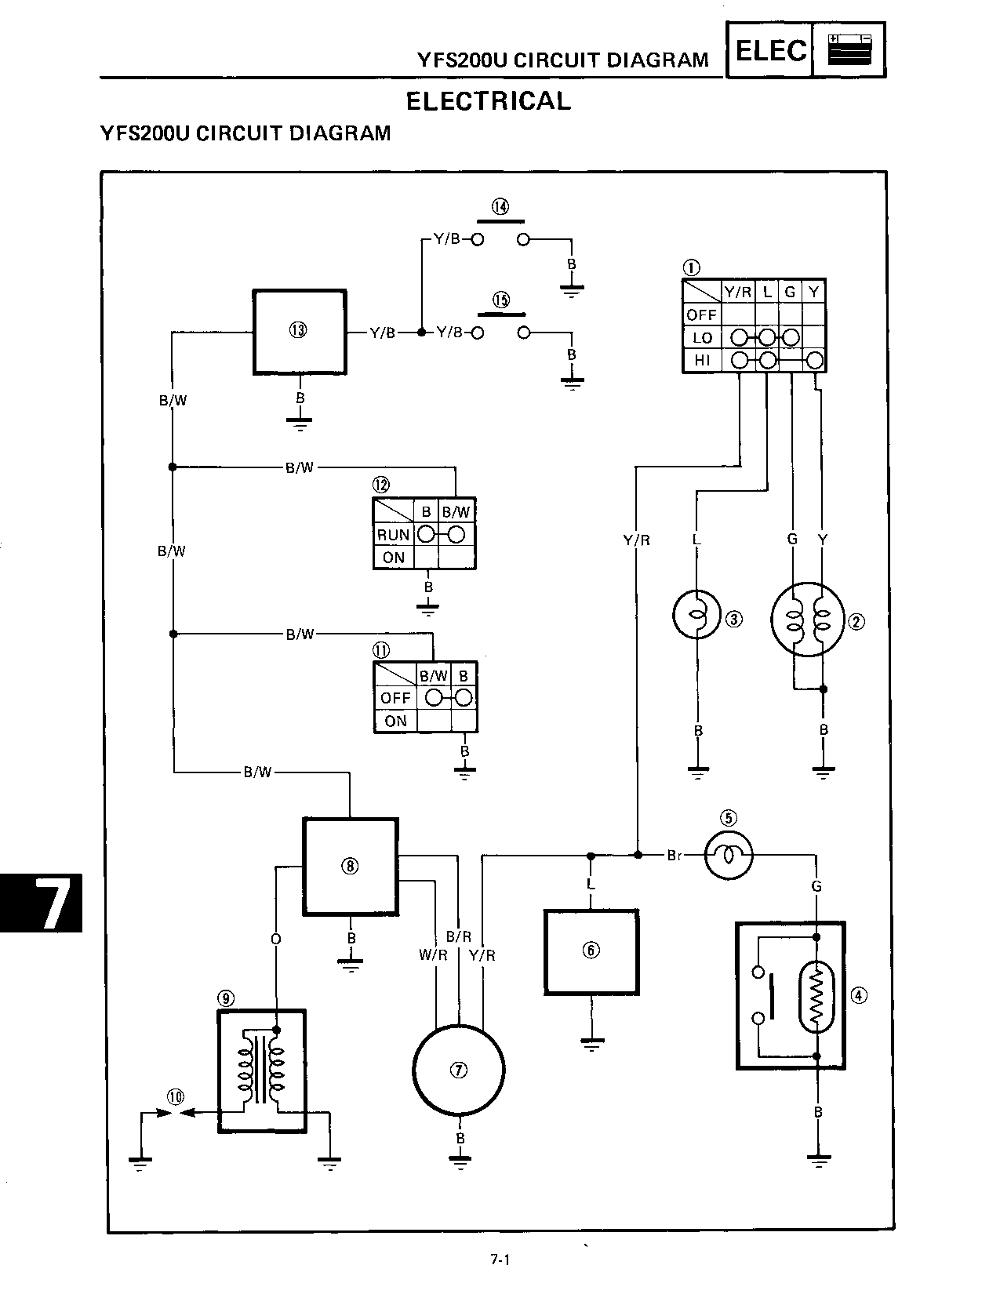 Wiring Diagram Yamaha Jog R,Diagram.Wiring Diagram Images ... on